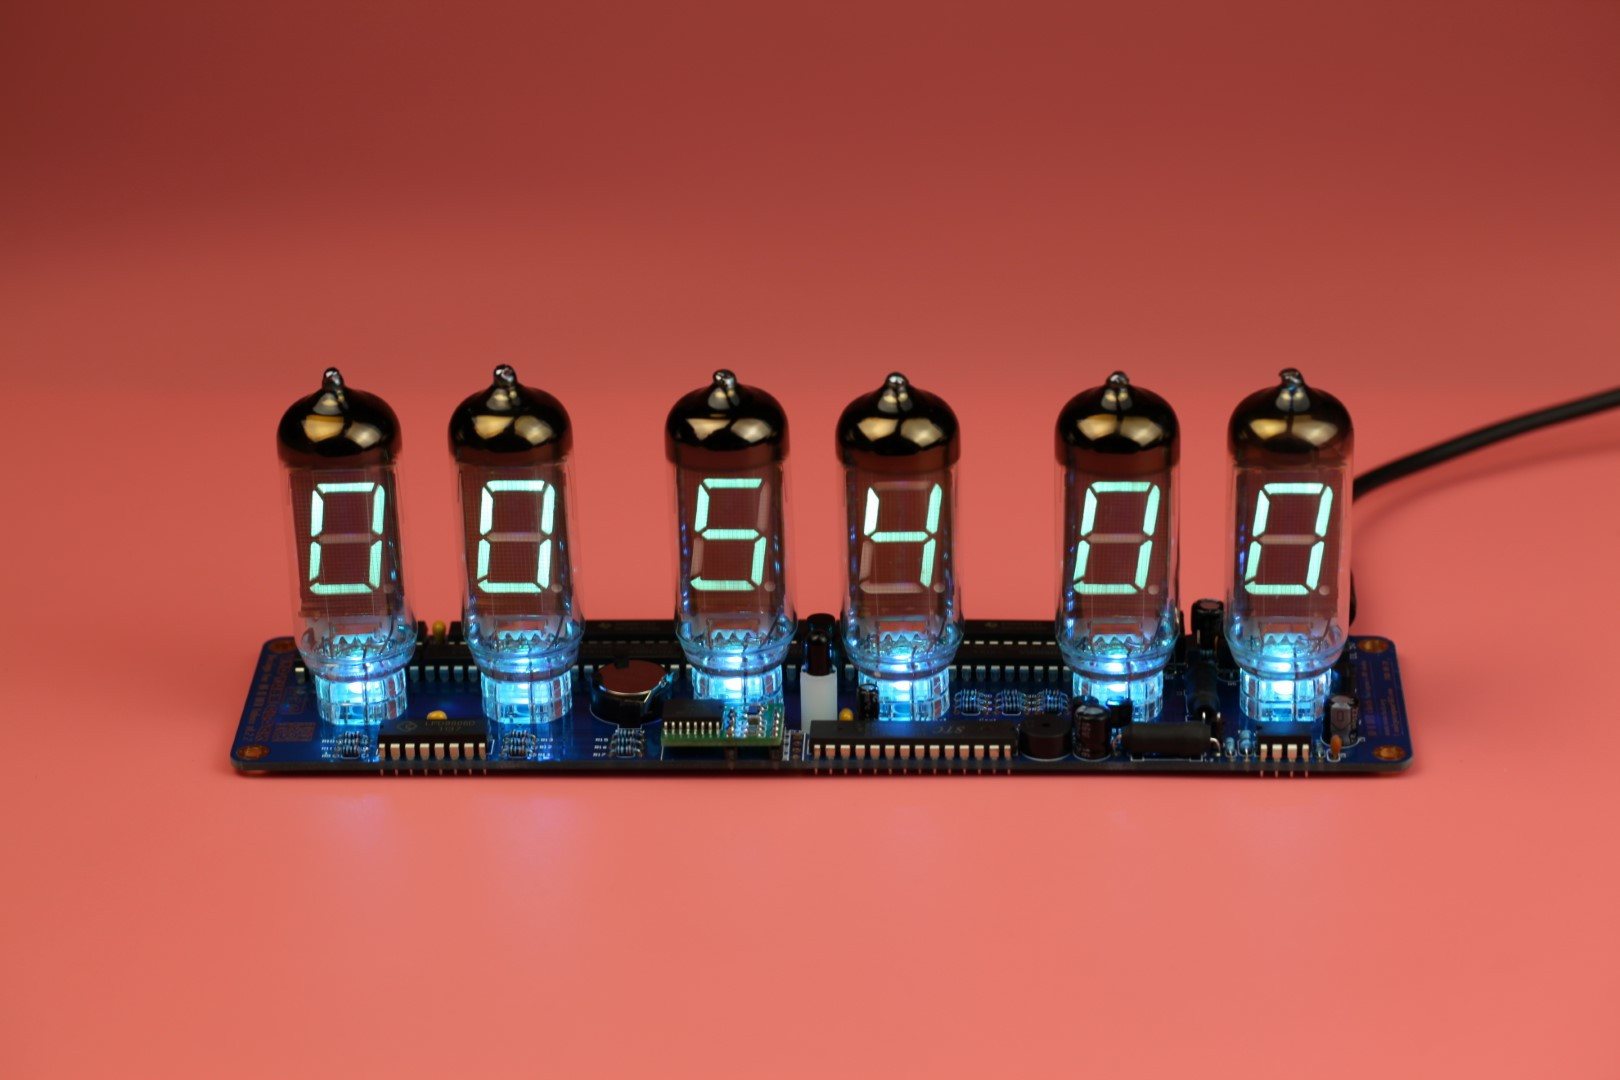 DIY Nixie Tube Clock Kit  DIY Soldering Kit for IV 11 VFD Nixie Tube Clock